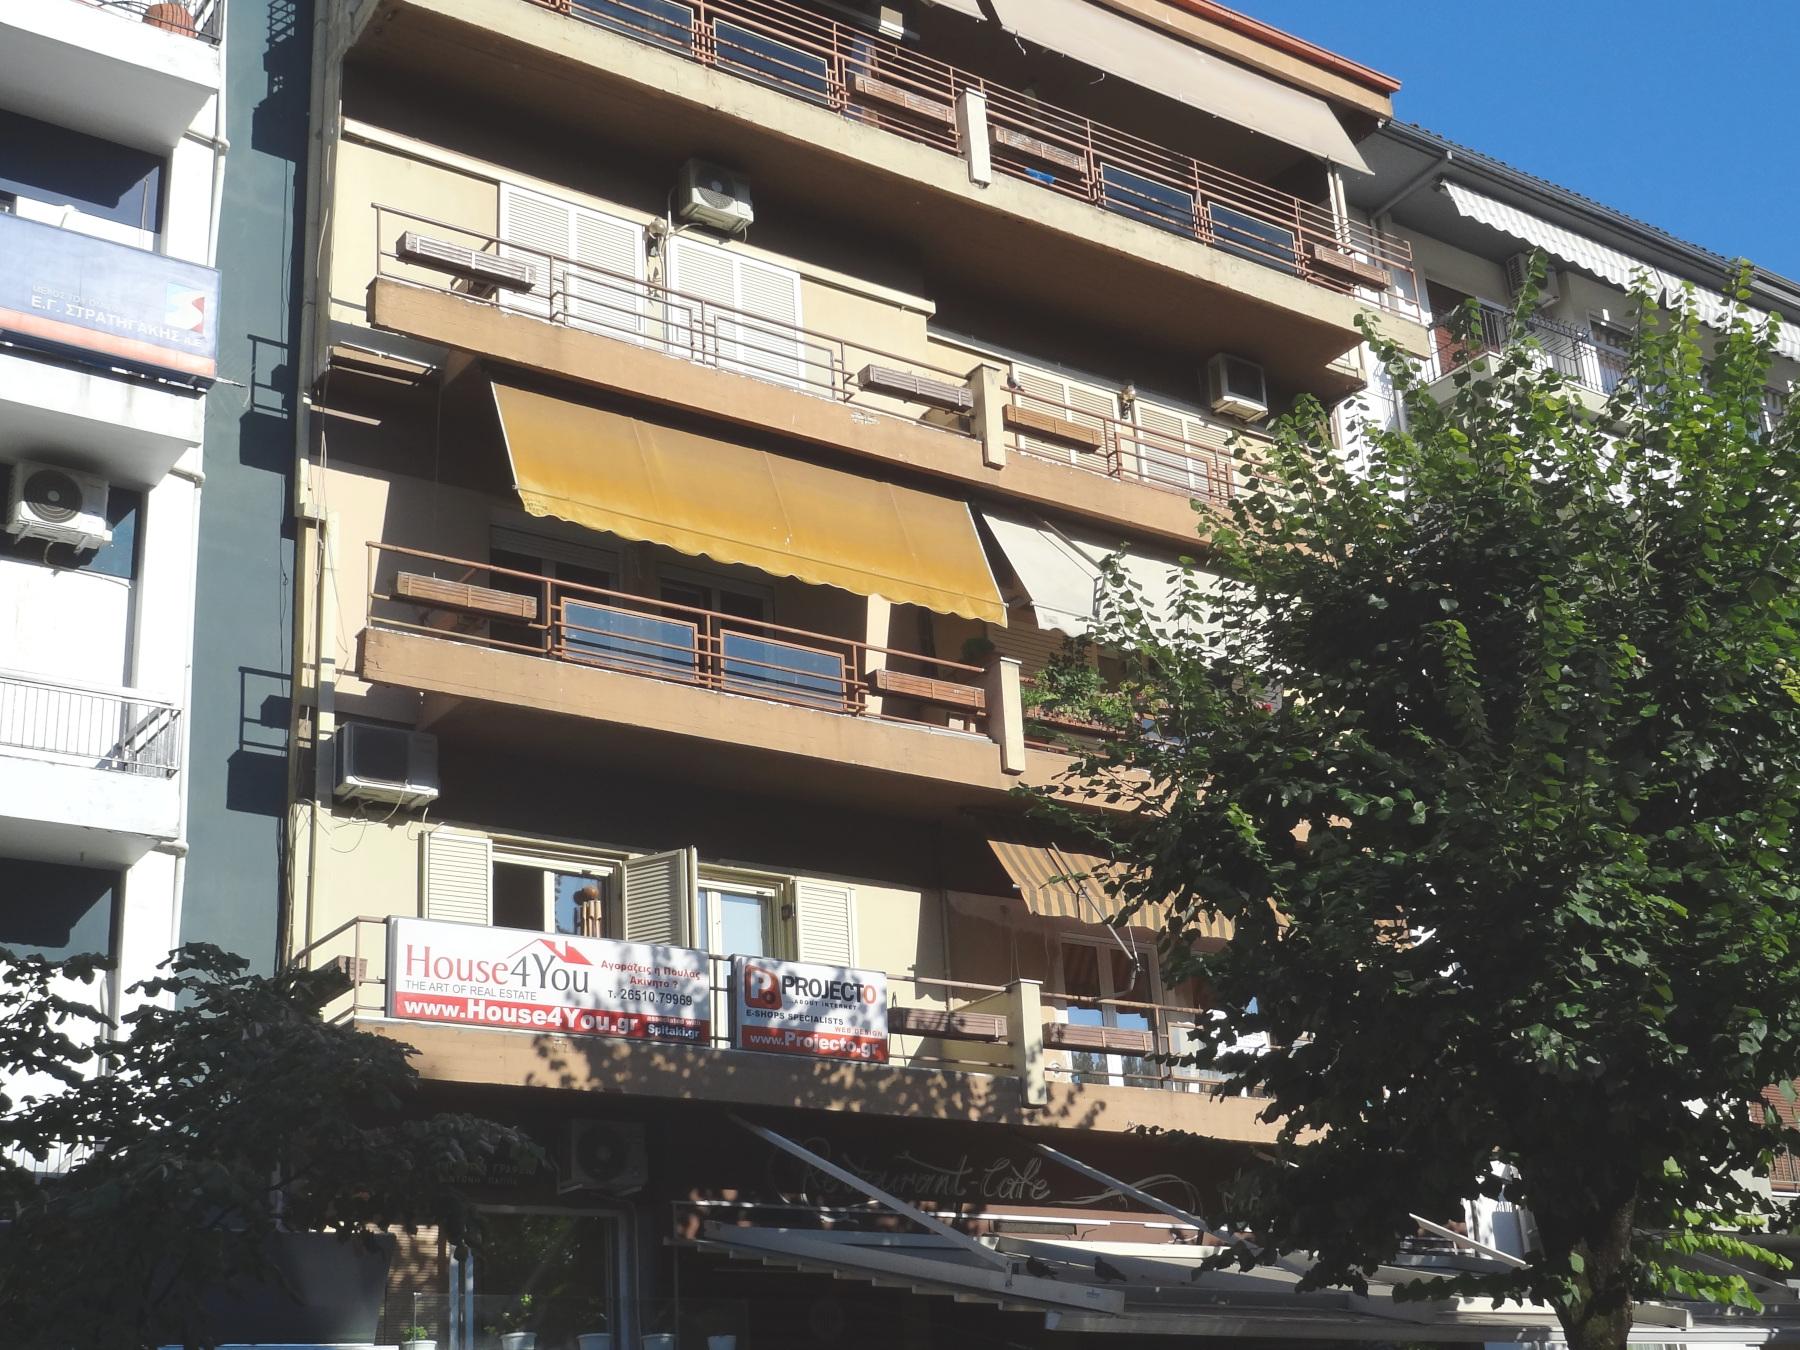 Ενοικιάζεται πλήρως ανακαινισμένο 2αρι διαμέρισμα 50 τ.μ. 1ου ορόφου επί της Λεωφόρου Δωδώνης 13 στο κέντρο των Ιωαννίνων